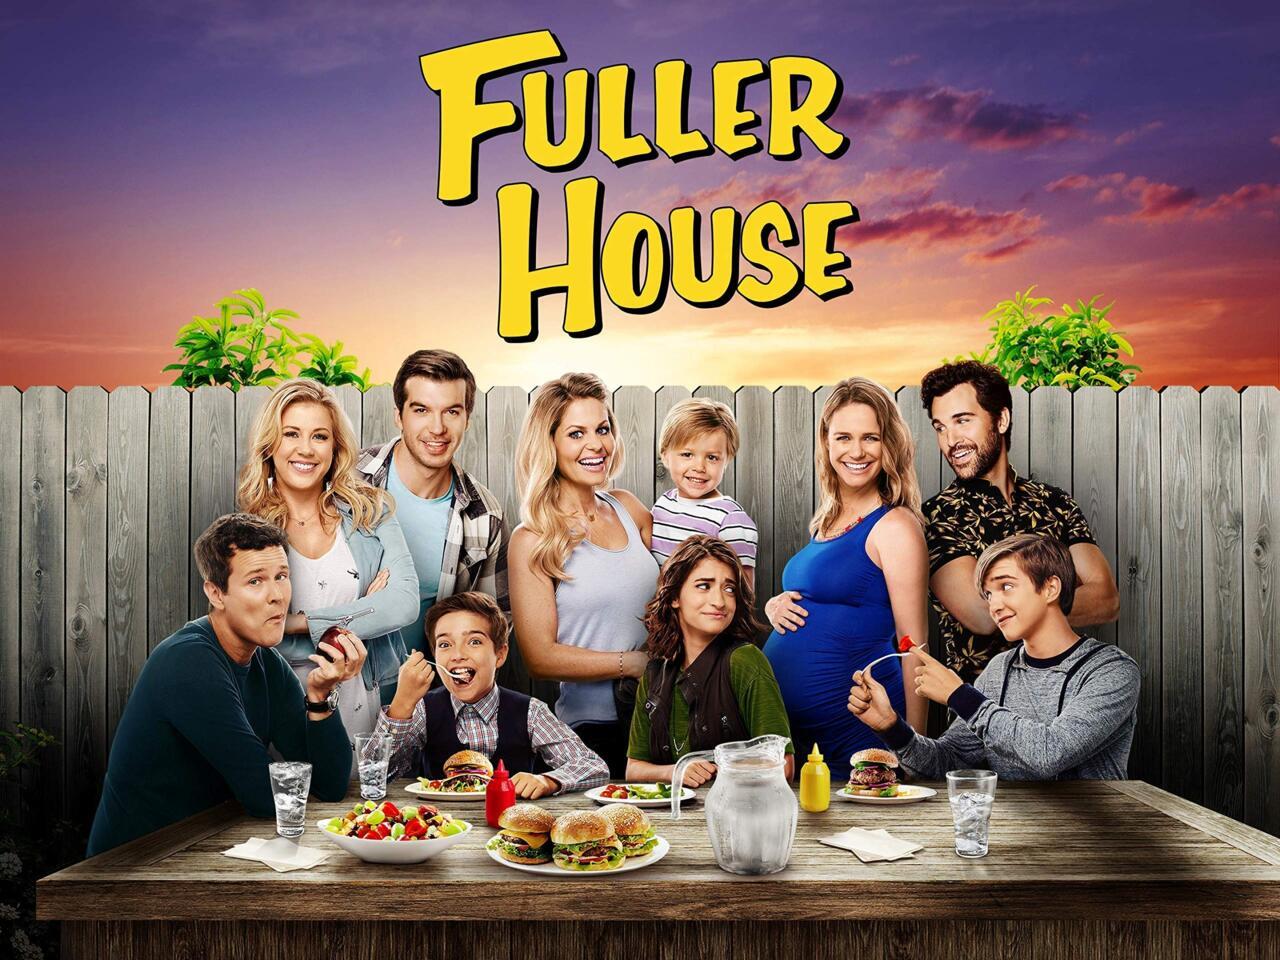 8. Full House